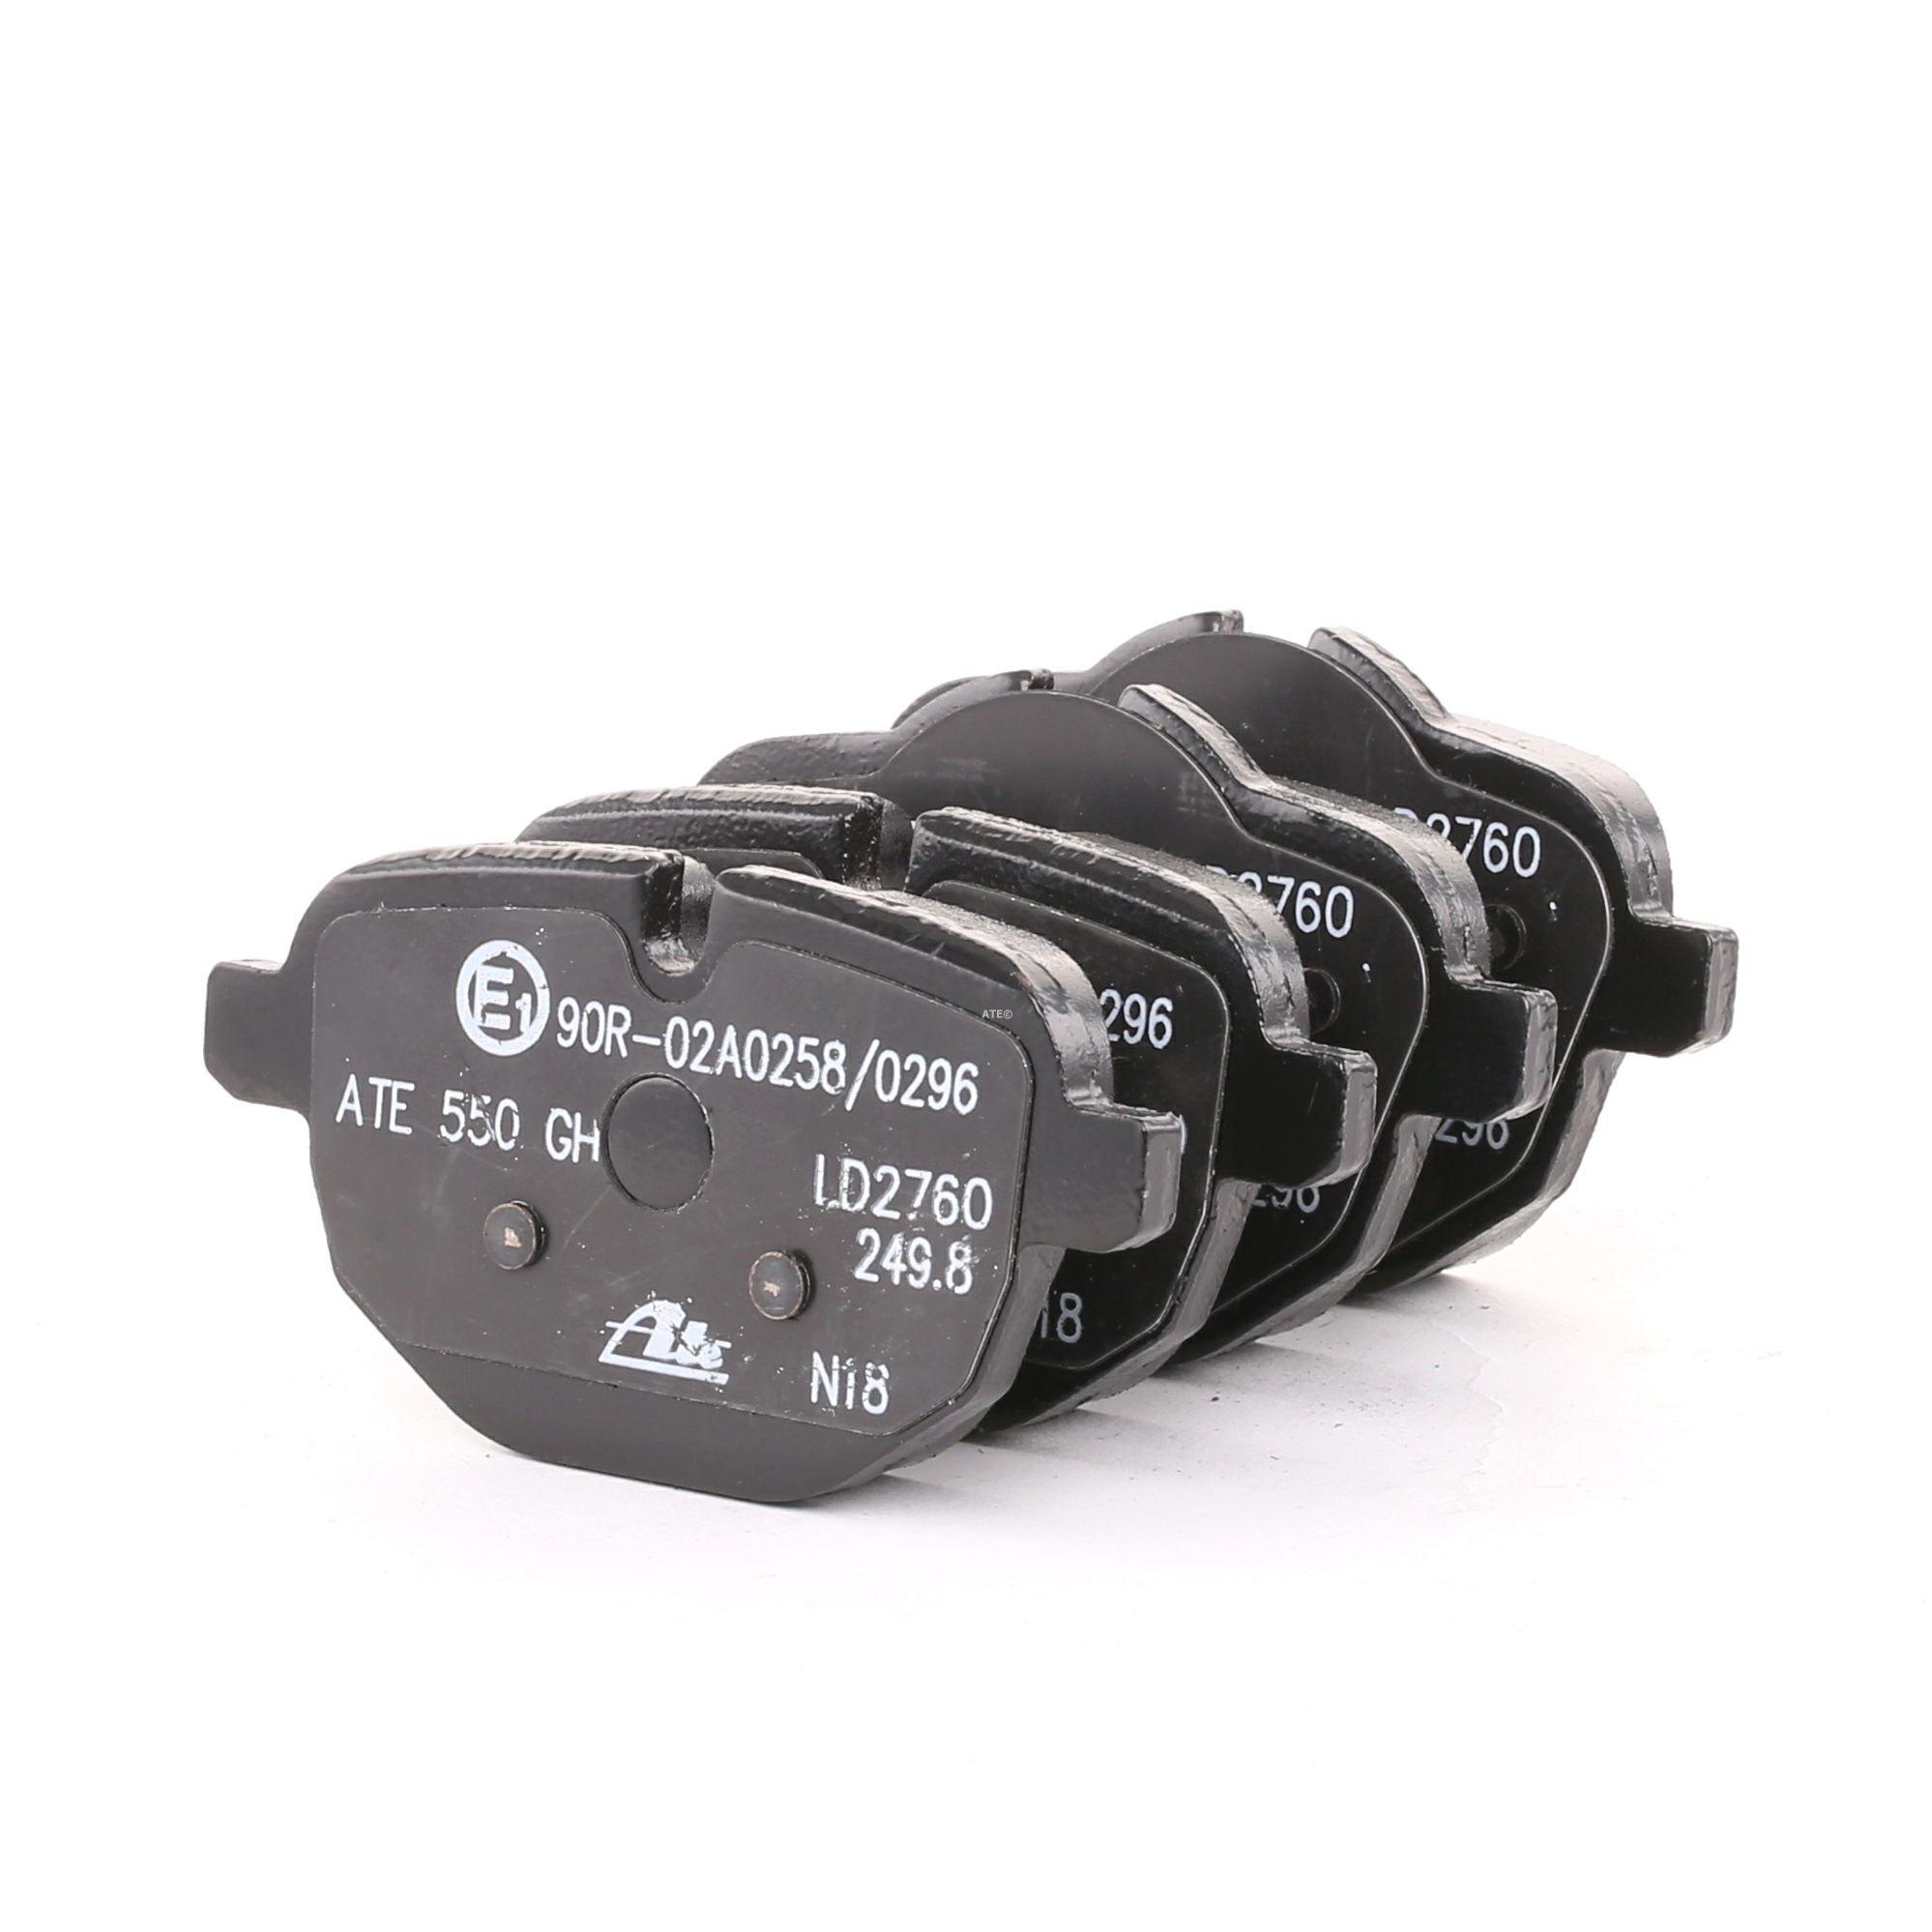 24562 ATE Ceramic exkl. Verschleißwarnkontakt, für Verschleißwarnanzeiger vorbereitet, mit Bremssattelschrauben, mit Zubehör Höhe 1: 63,2mm, Höhe 2: 56,2mm, Breite: 106,0mm, Dicke/Stärke: 17,7mm Bremsbelagsatz, Scheibenbremse 13.0470-2760.2 günstig kaufen